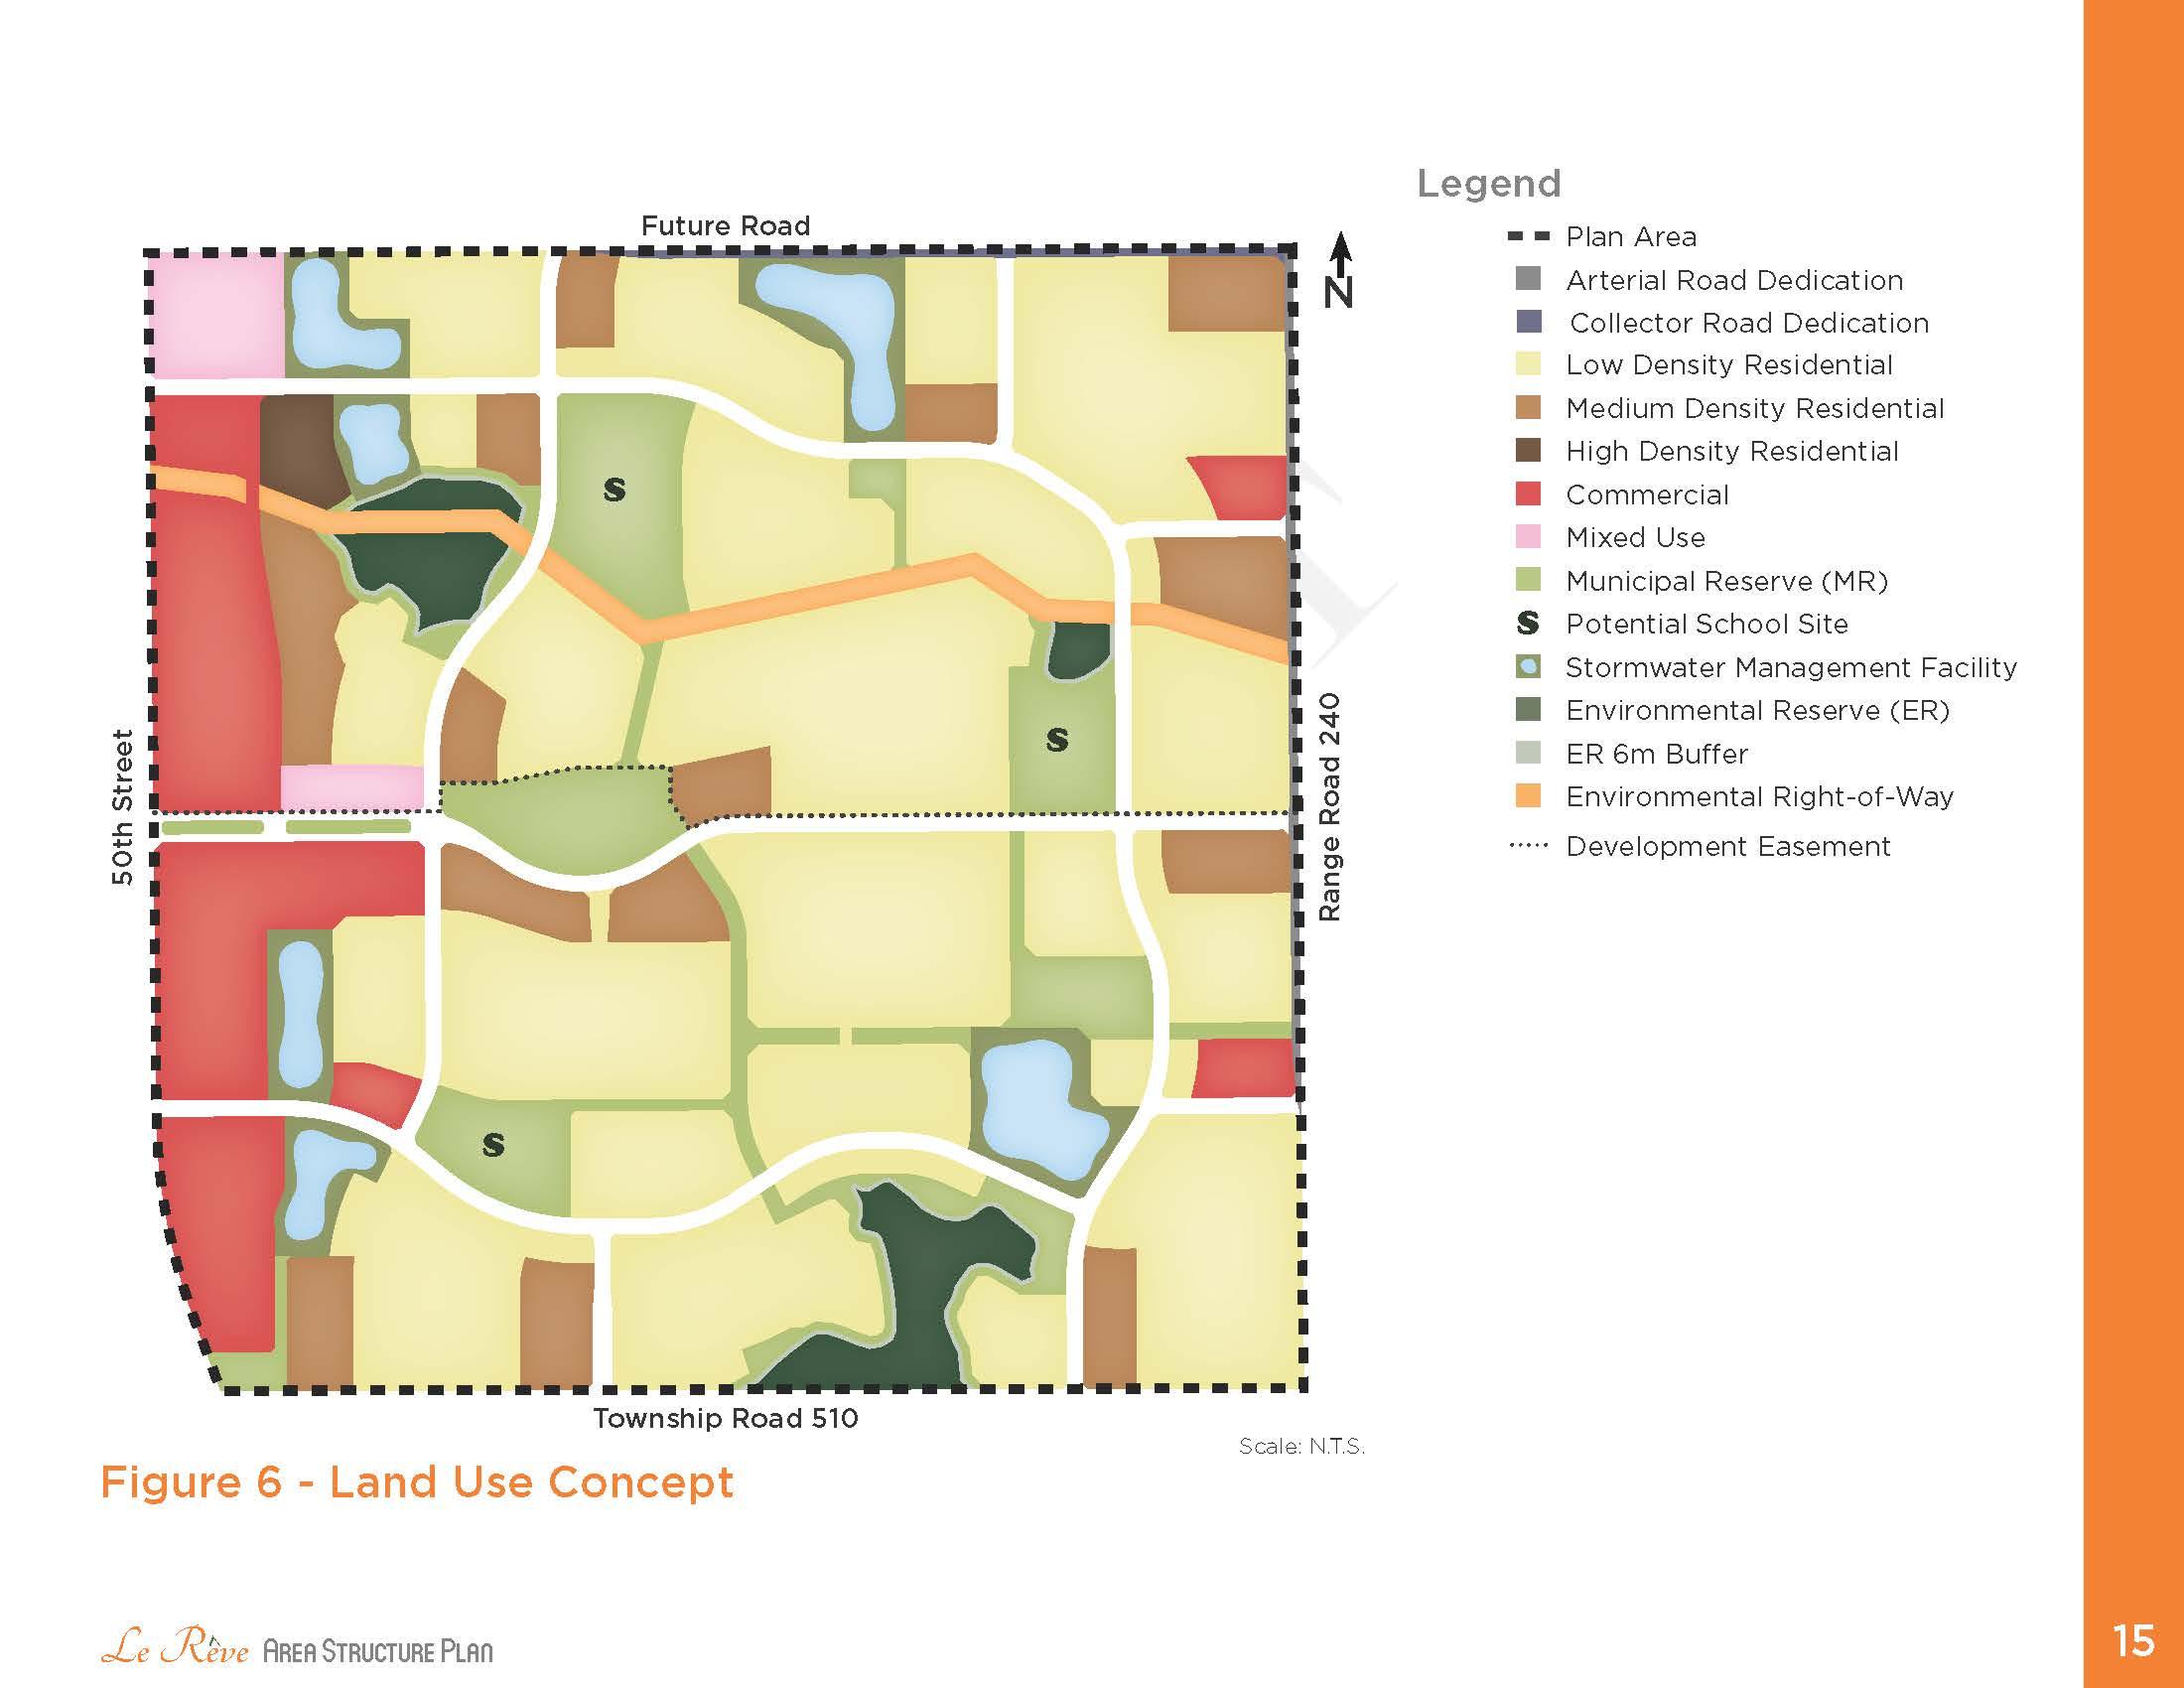 Le Reve_Land Use Concept